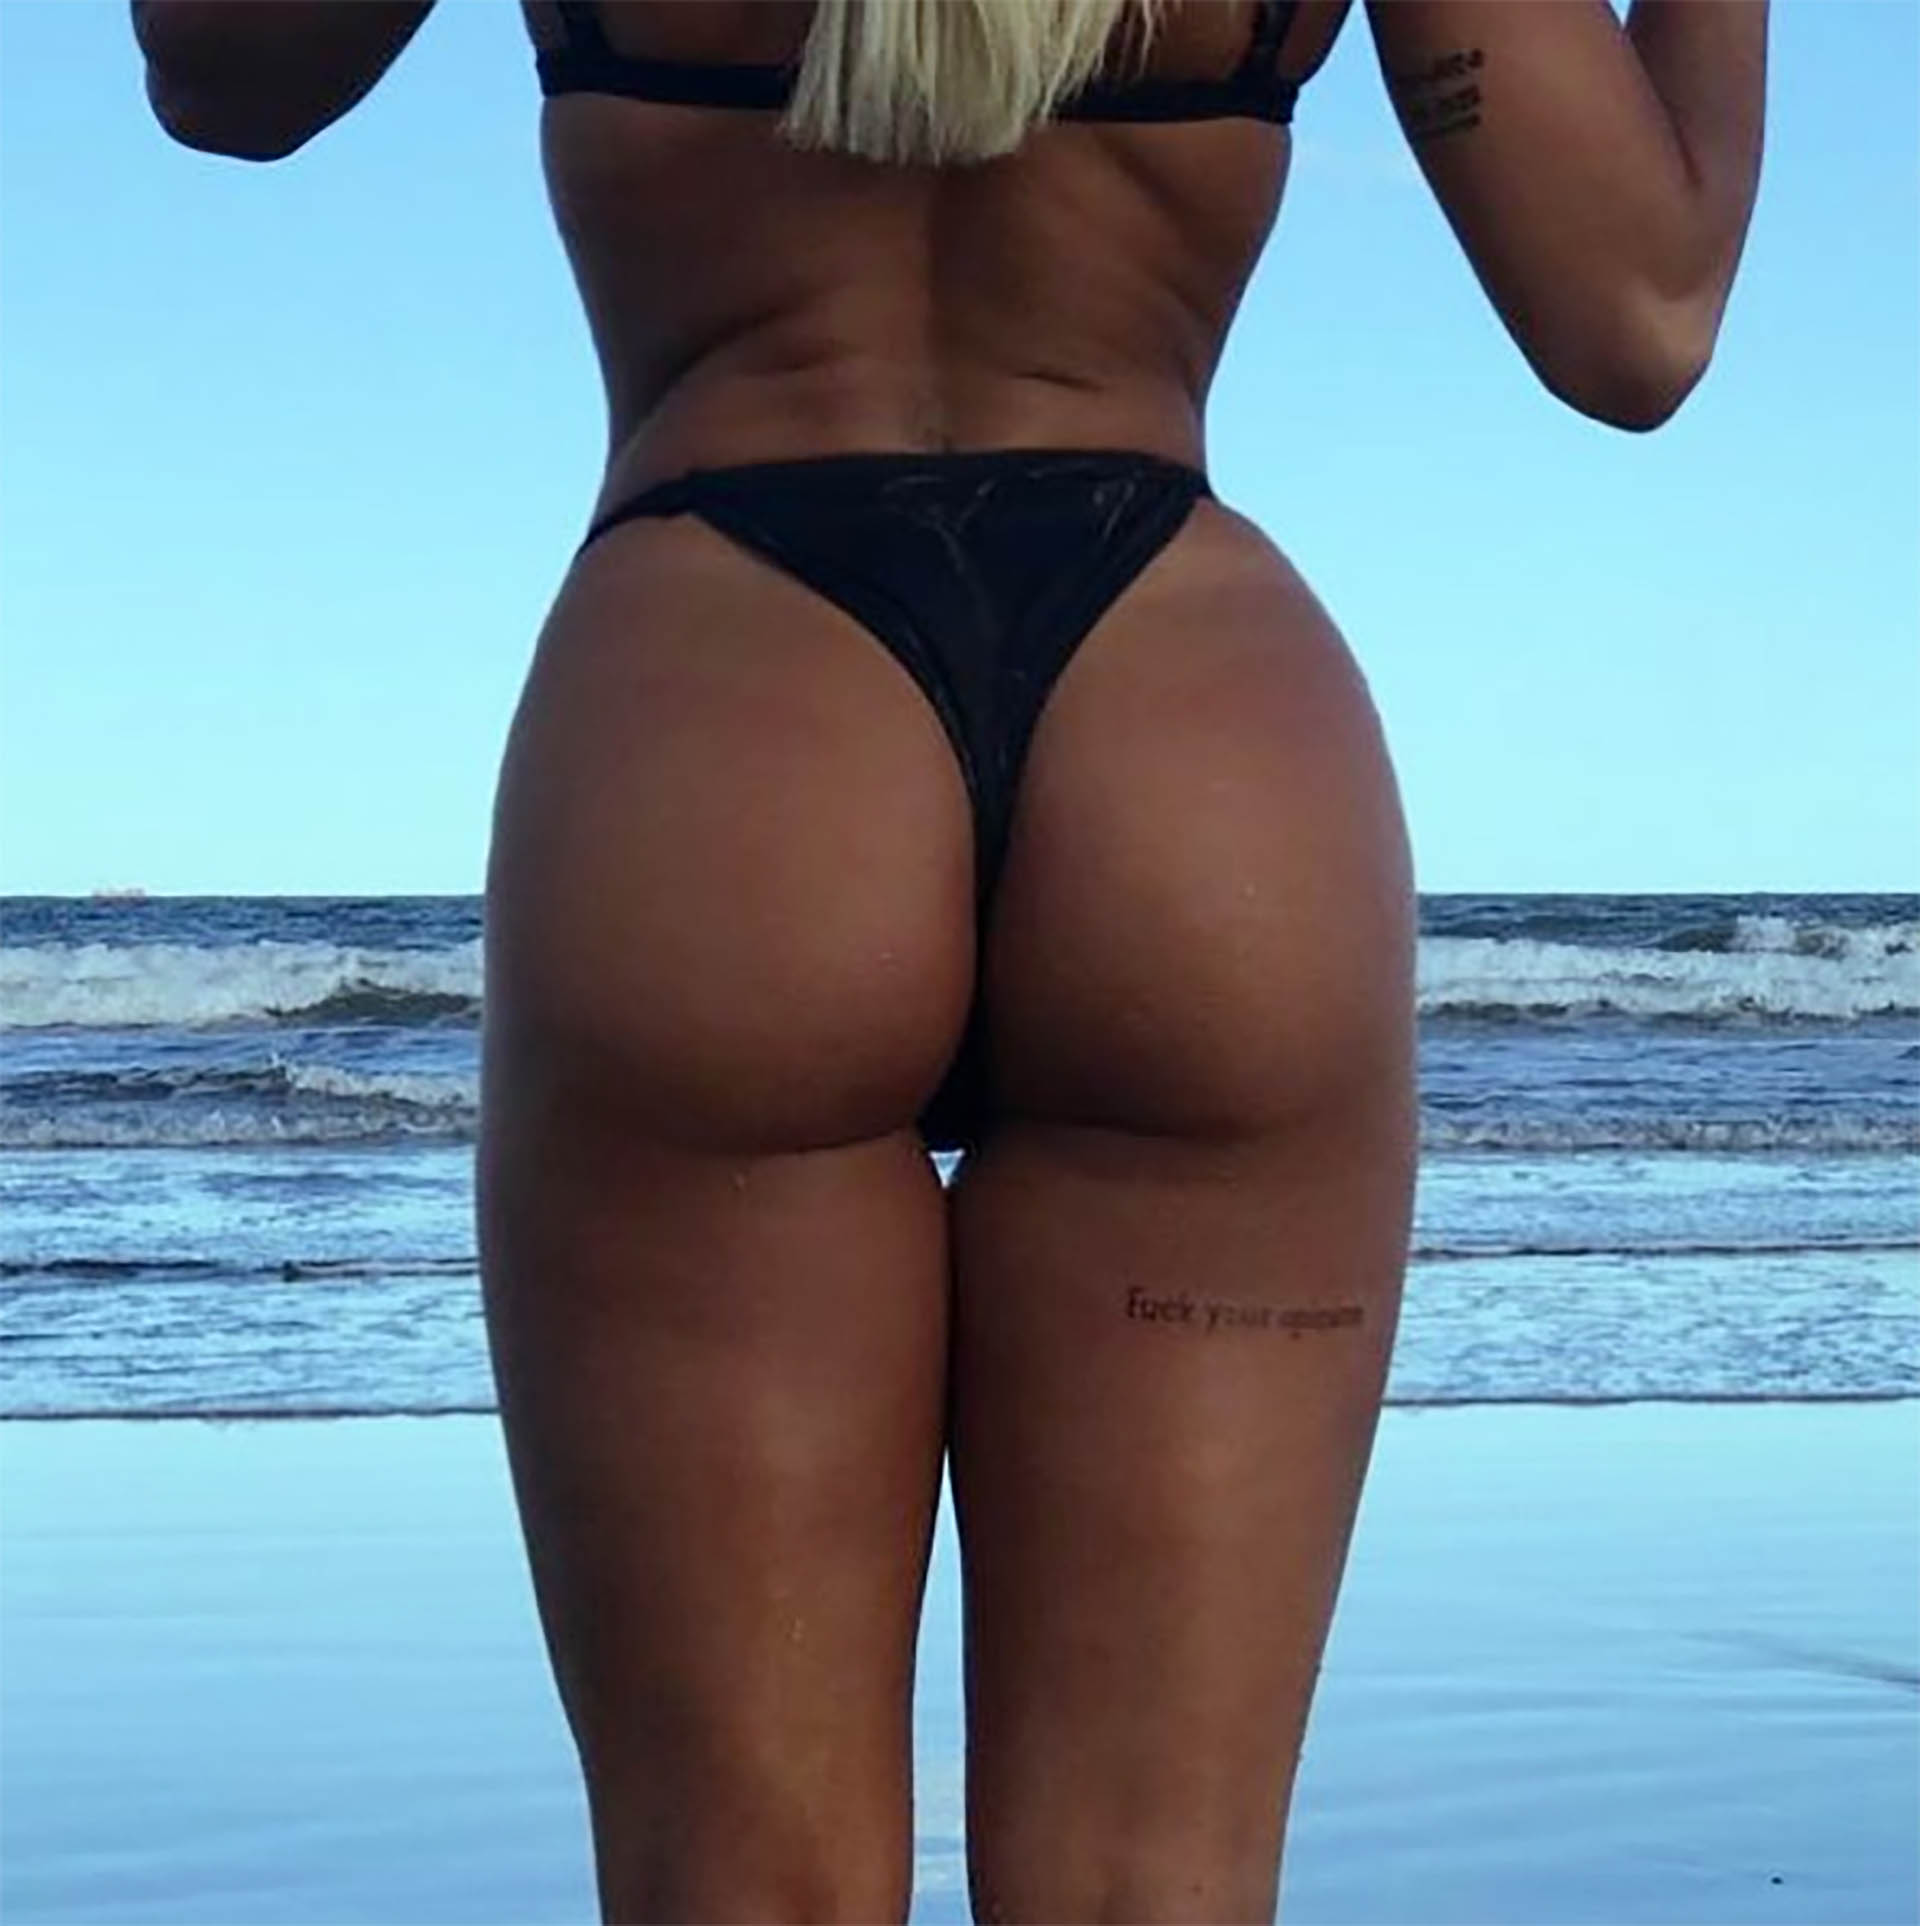 """Sol Pérez sumó un tatuaje a su cuerpo. La vedette de """"Nuevamente juntos"""" se tatuó la frase en inglés """"fuck your opinion"""" (a la m… con tu opinión) en la parte posterior de uno de sus muslos"""